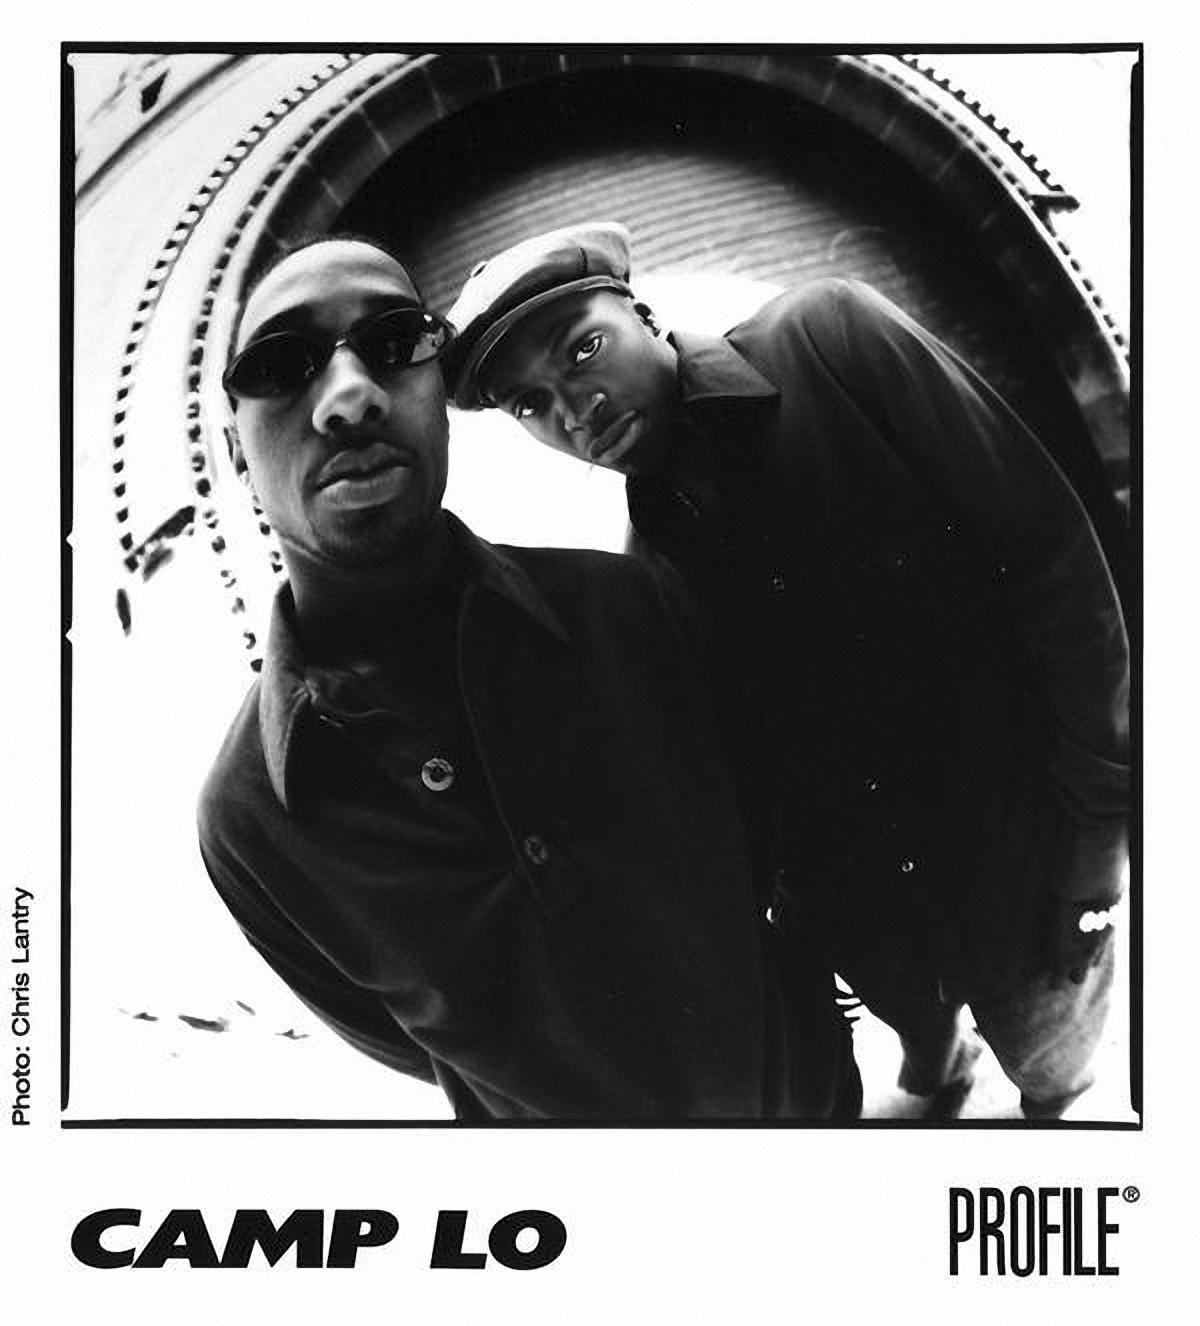 Camp Lo Publicity Photo